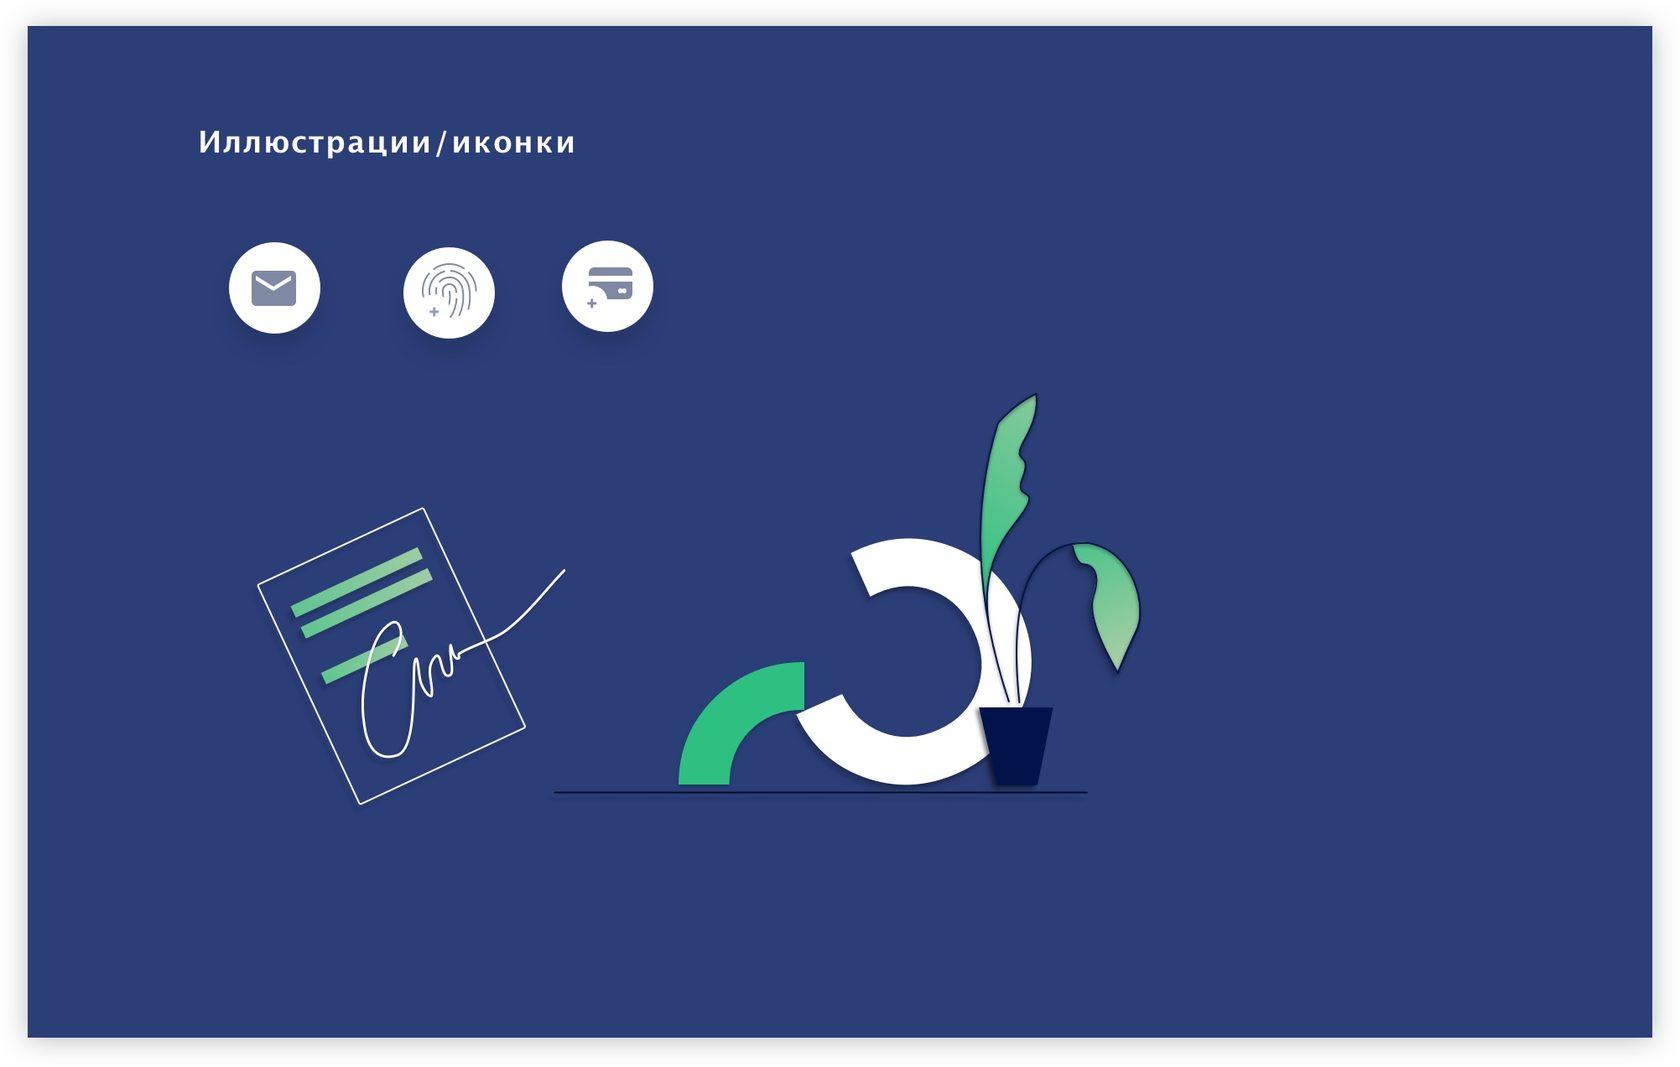 Иконографика и иллюстрации    sobakapav.ru